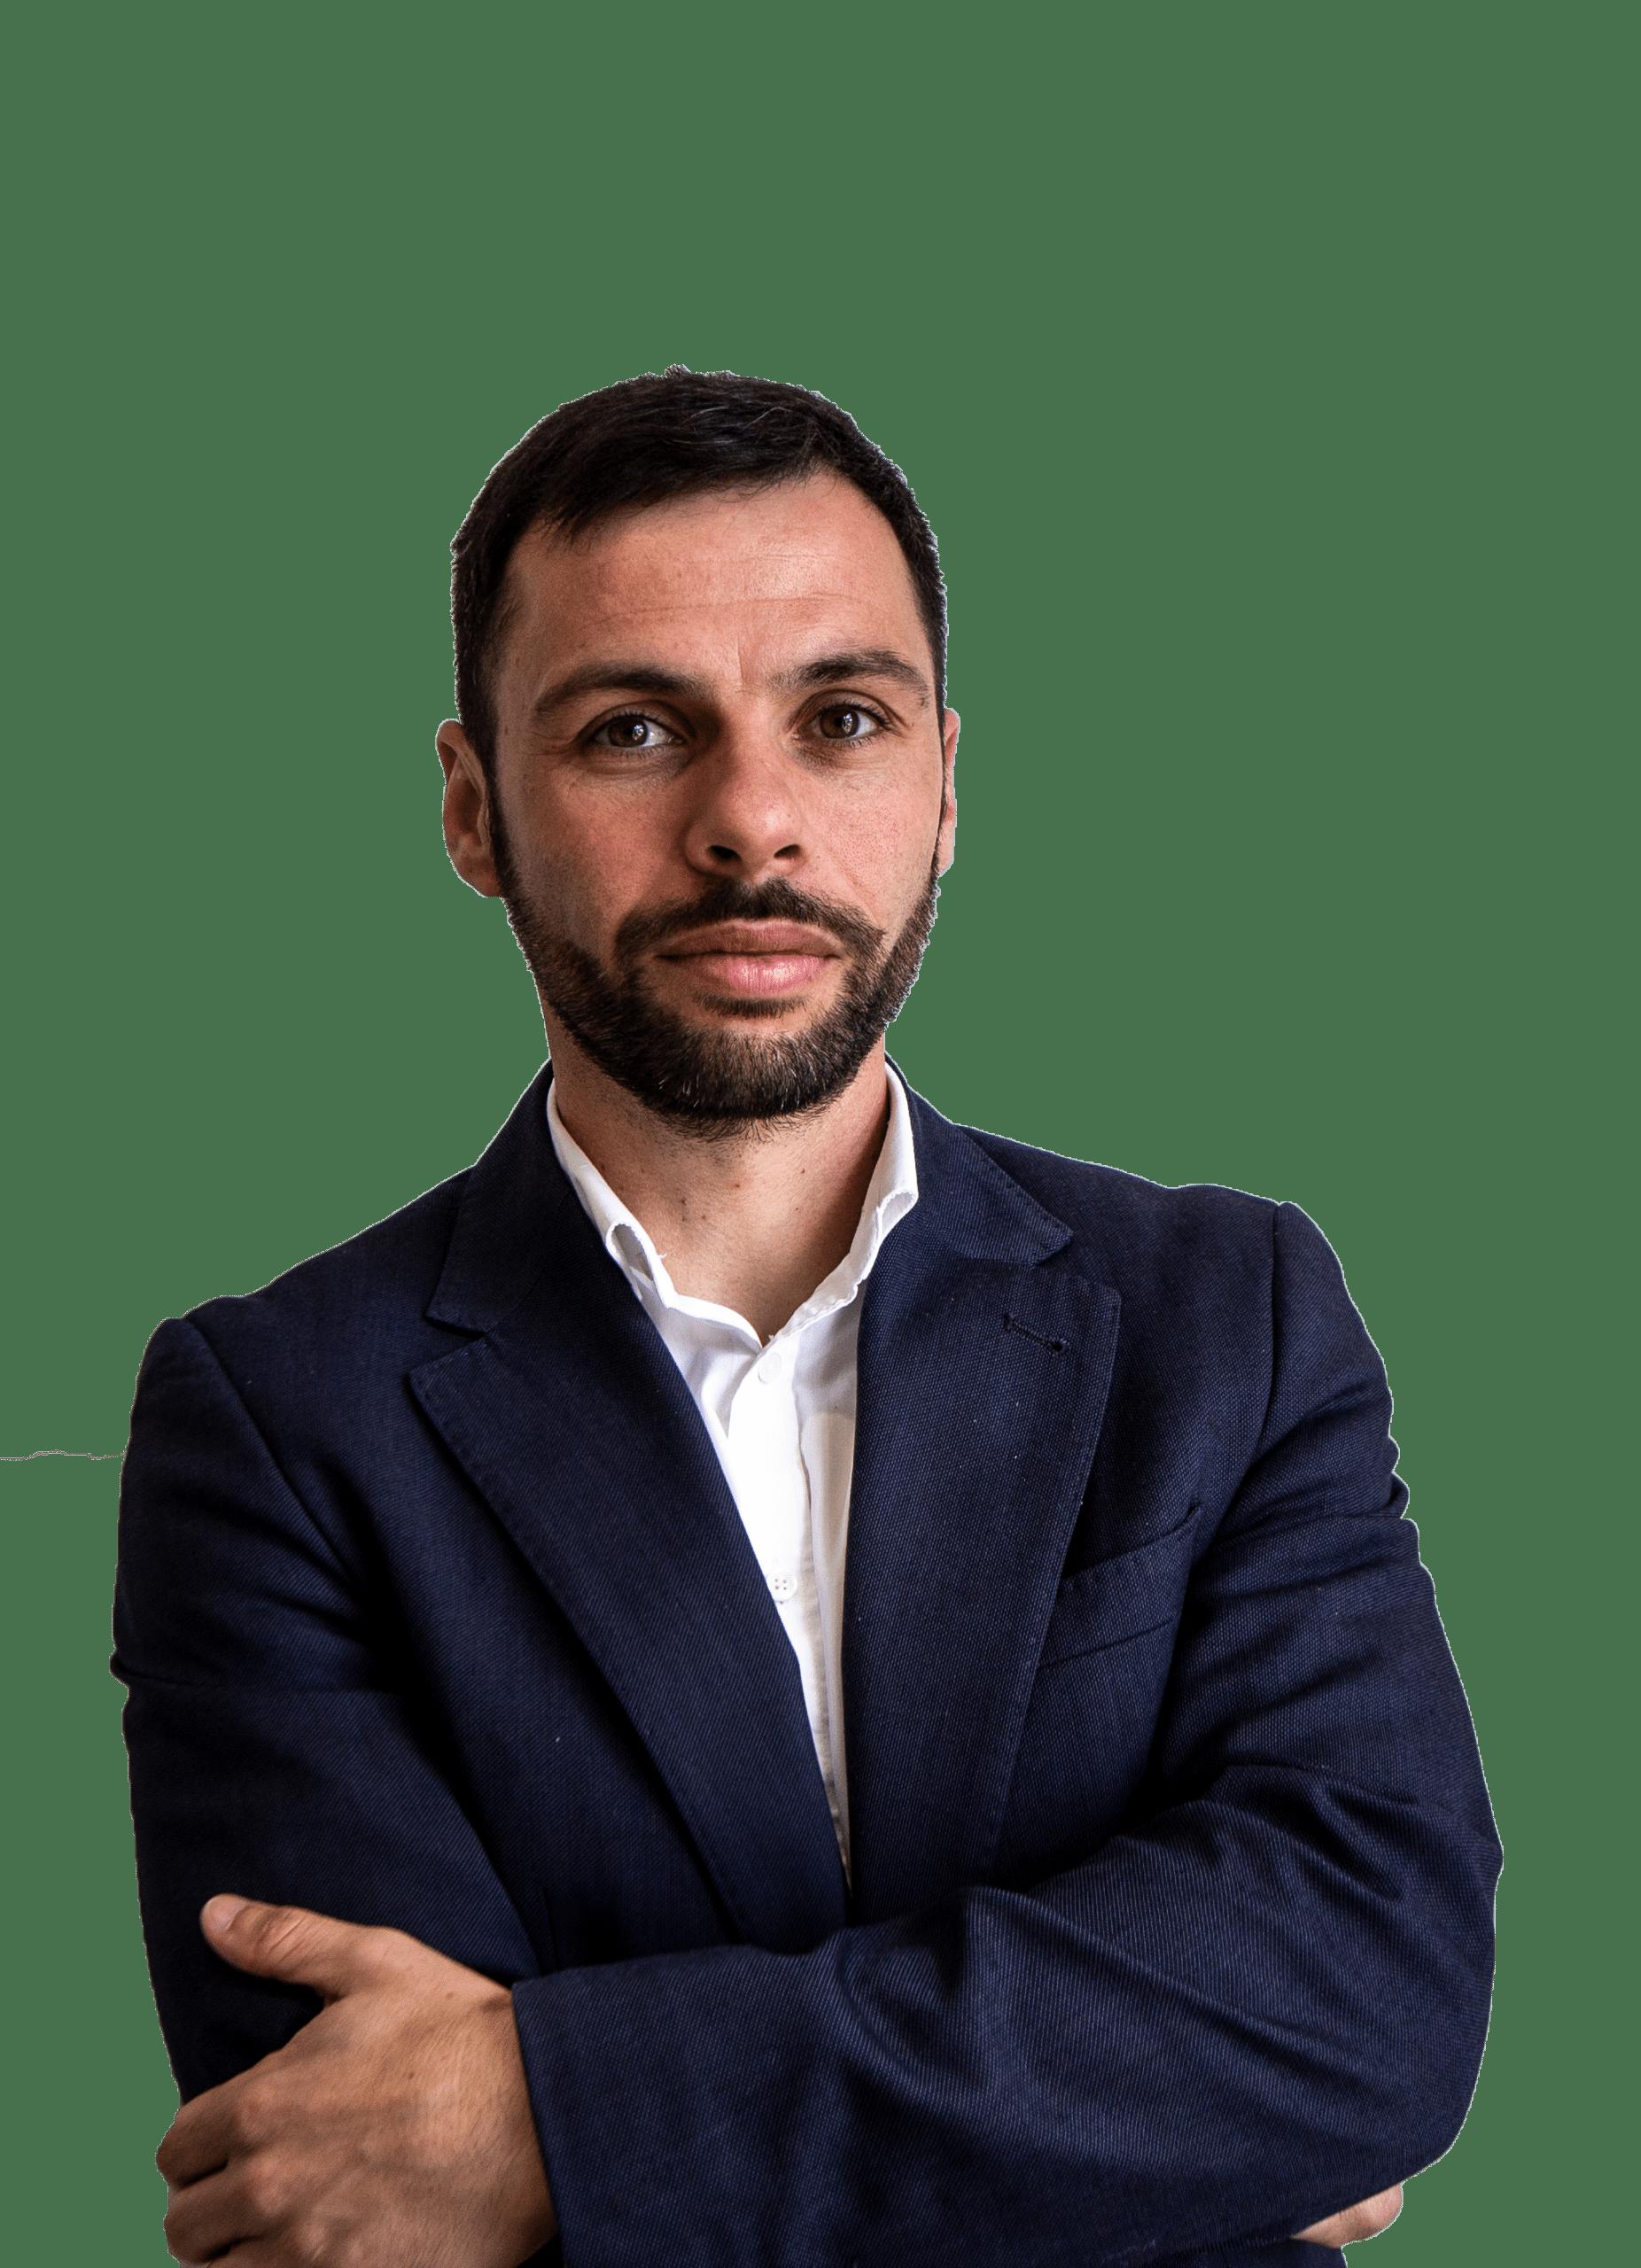 Miguel Ferraz Consultor especialista em imobiliário